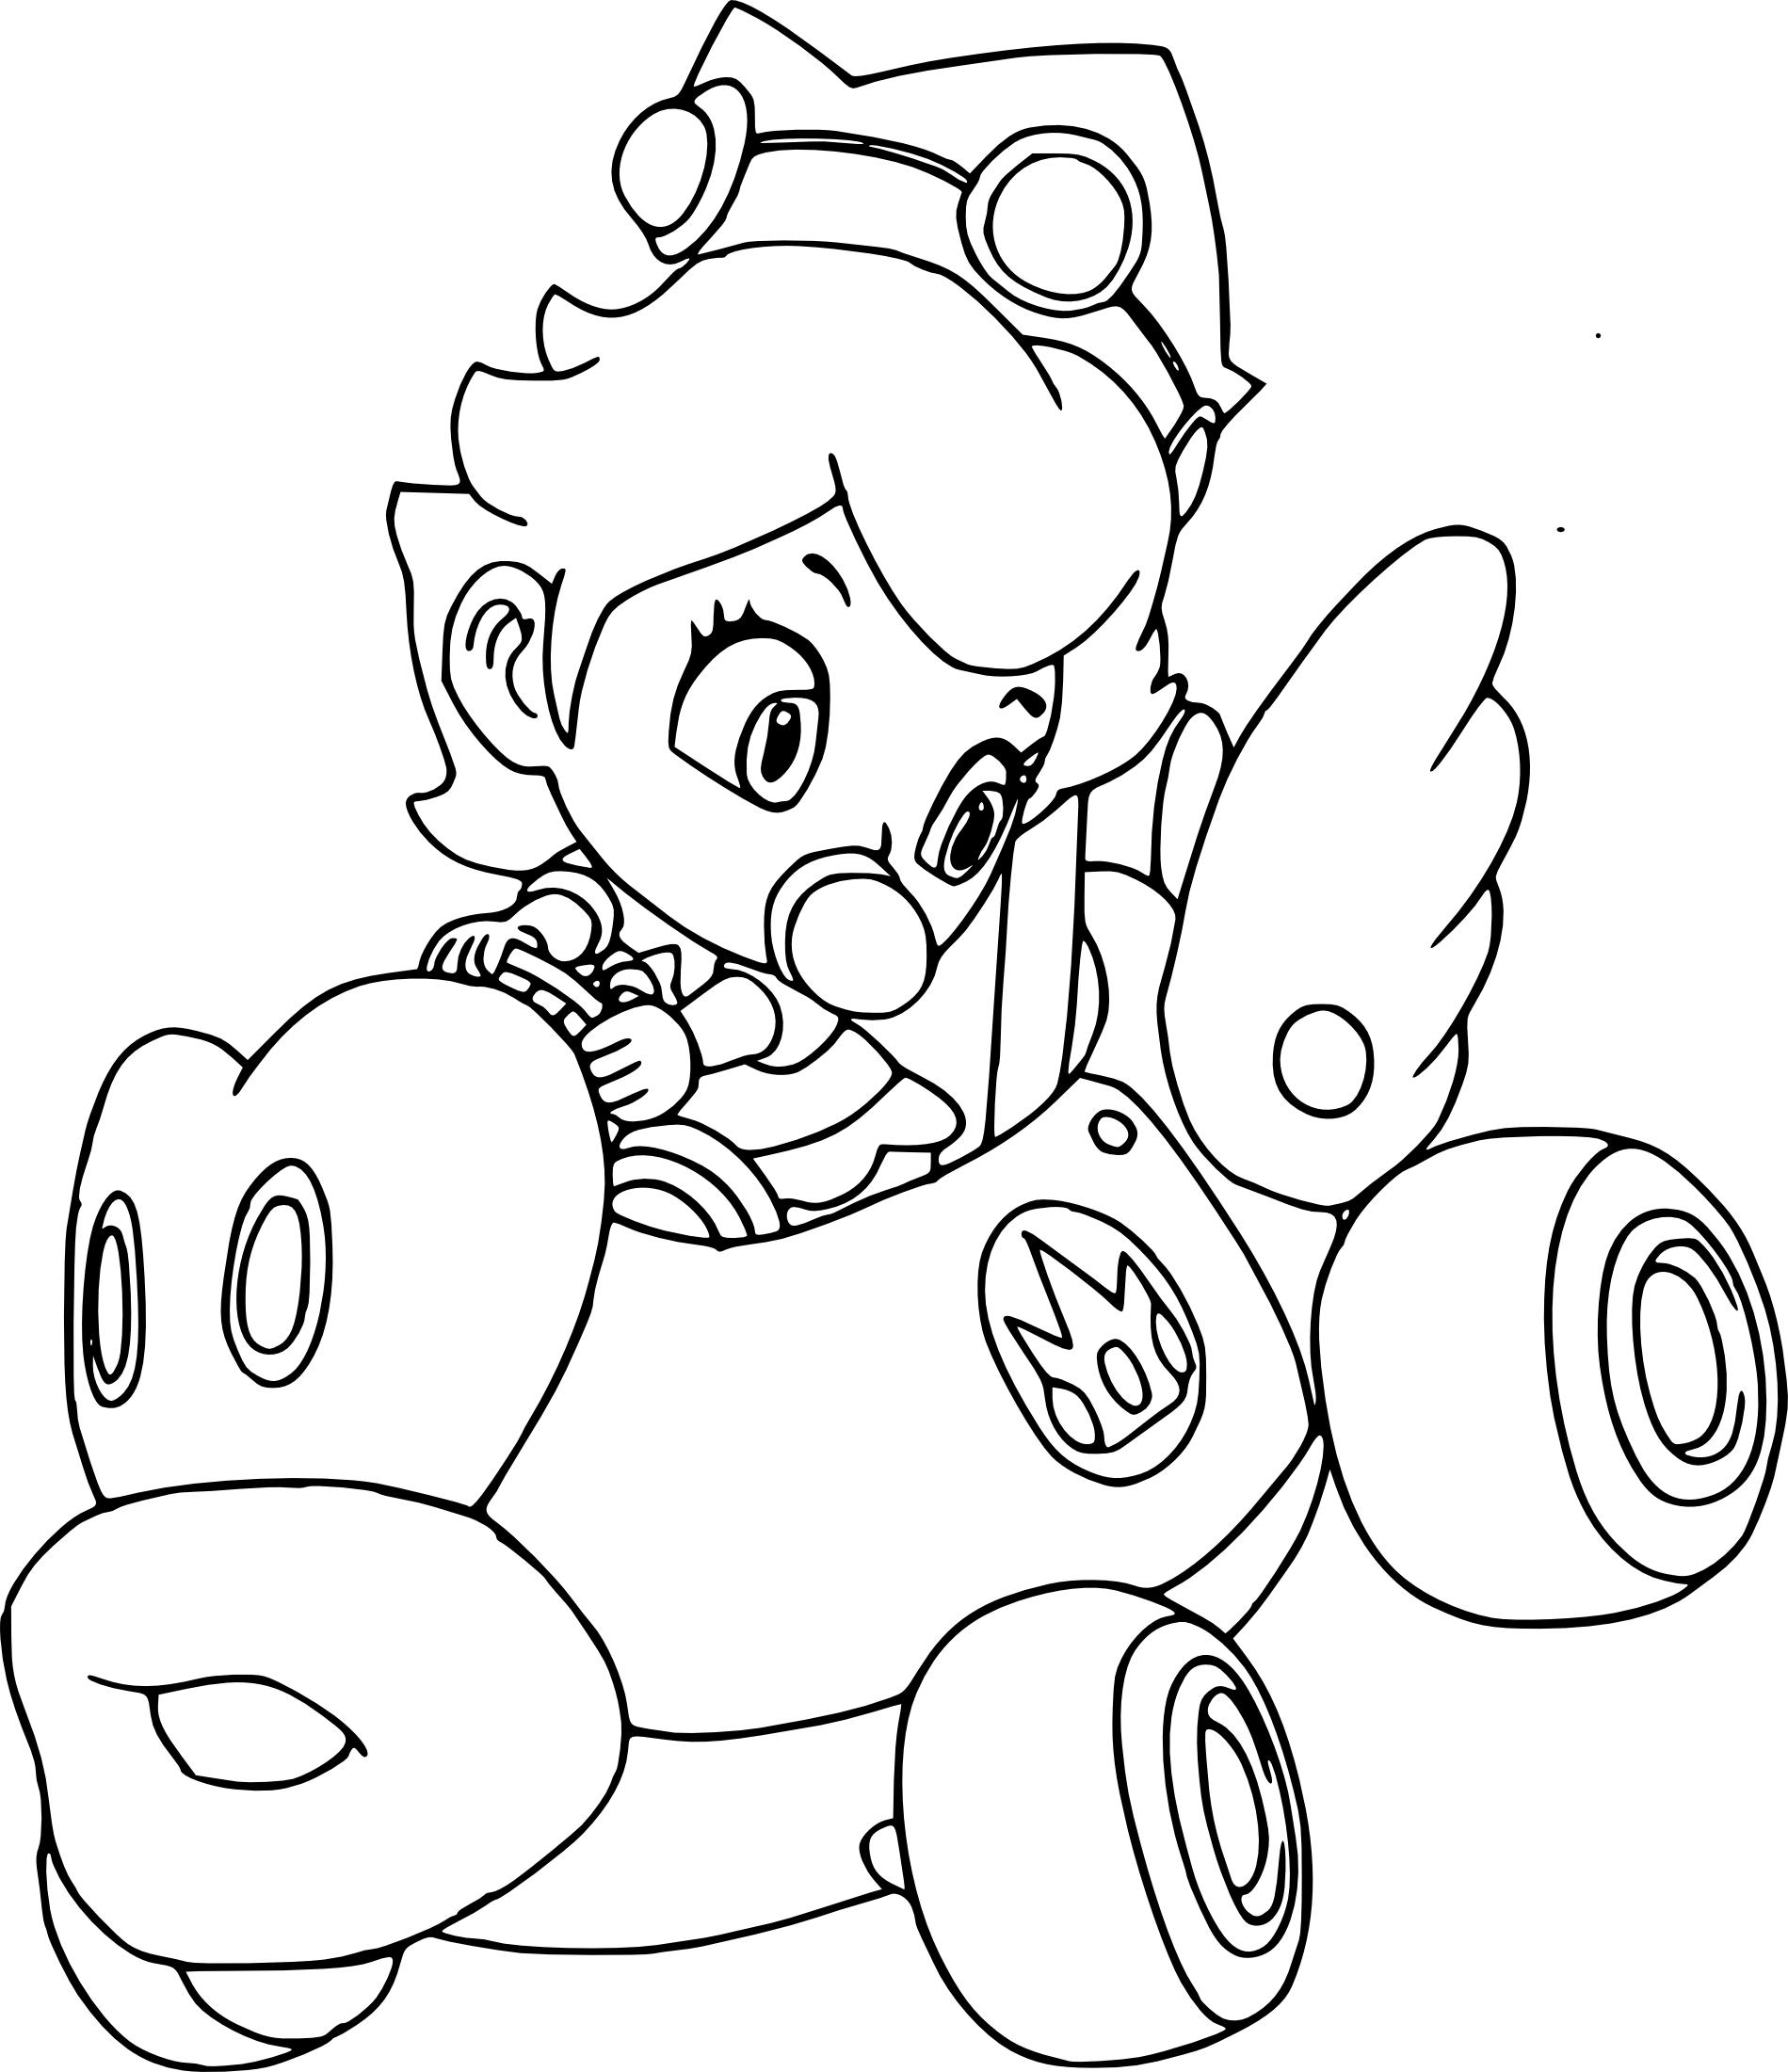 Rosalina Mario Coloring Pages At Getdrawings Free Download